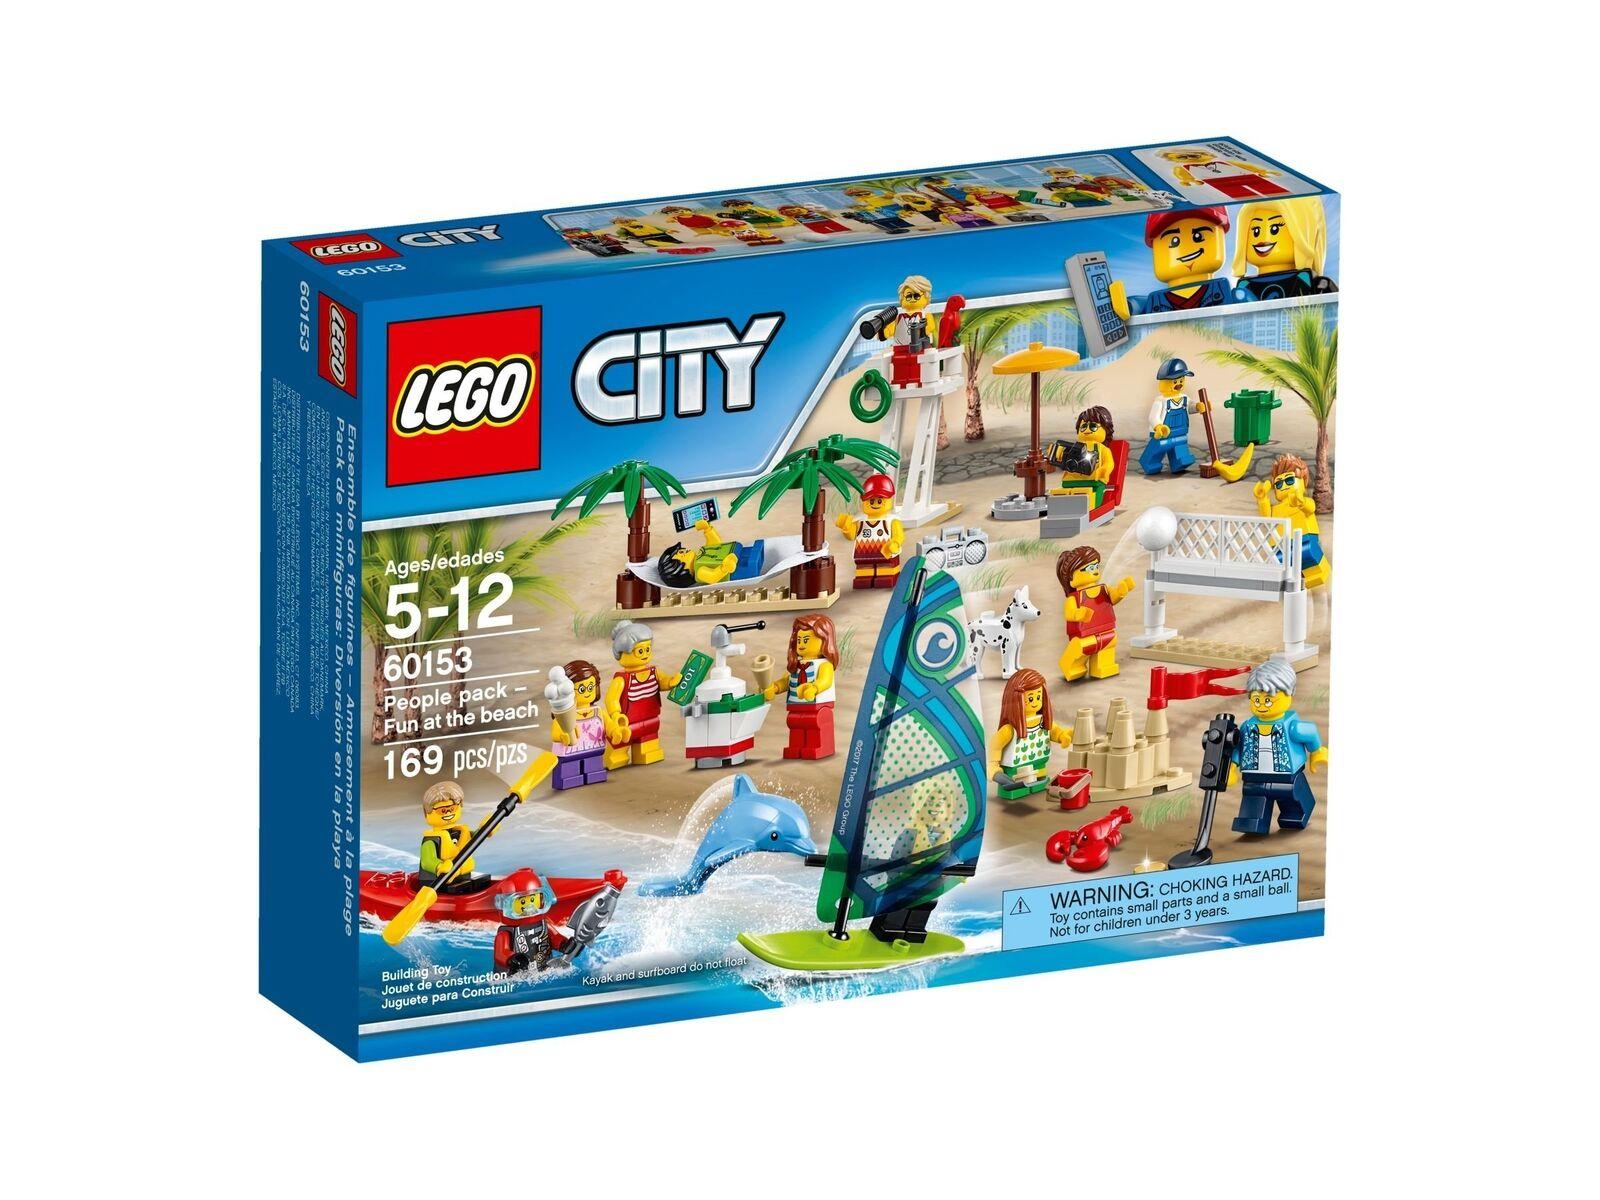 Lego City 60153 Cittadino – Ein Tag Sulla Spiaggia Nuovo Confezione Originale